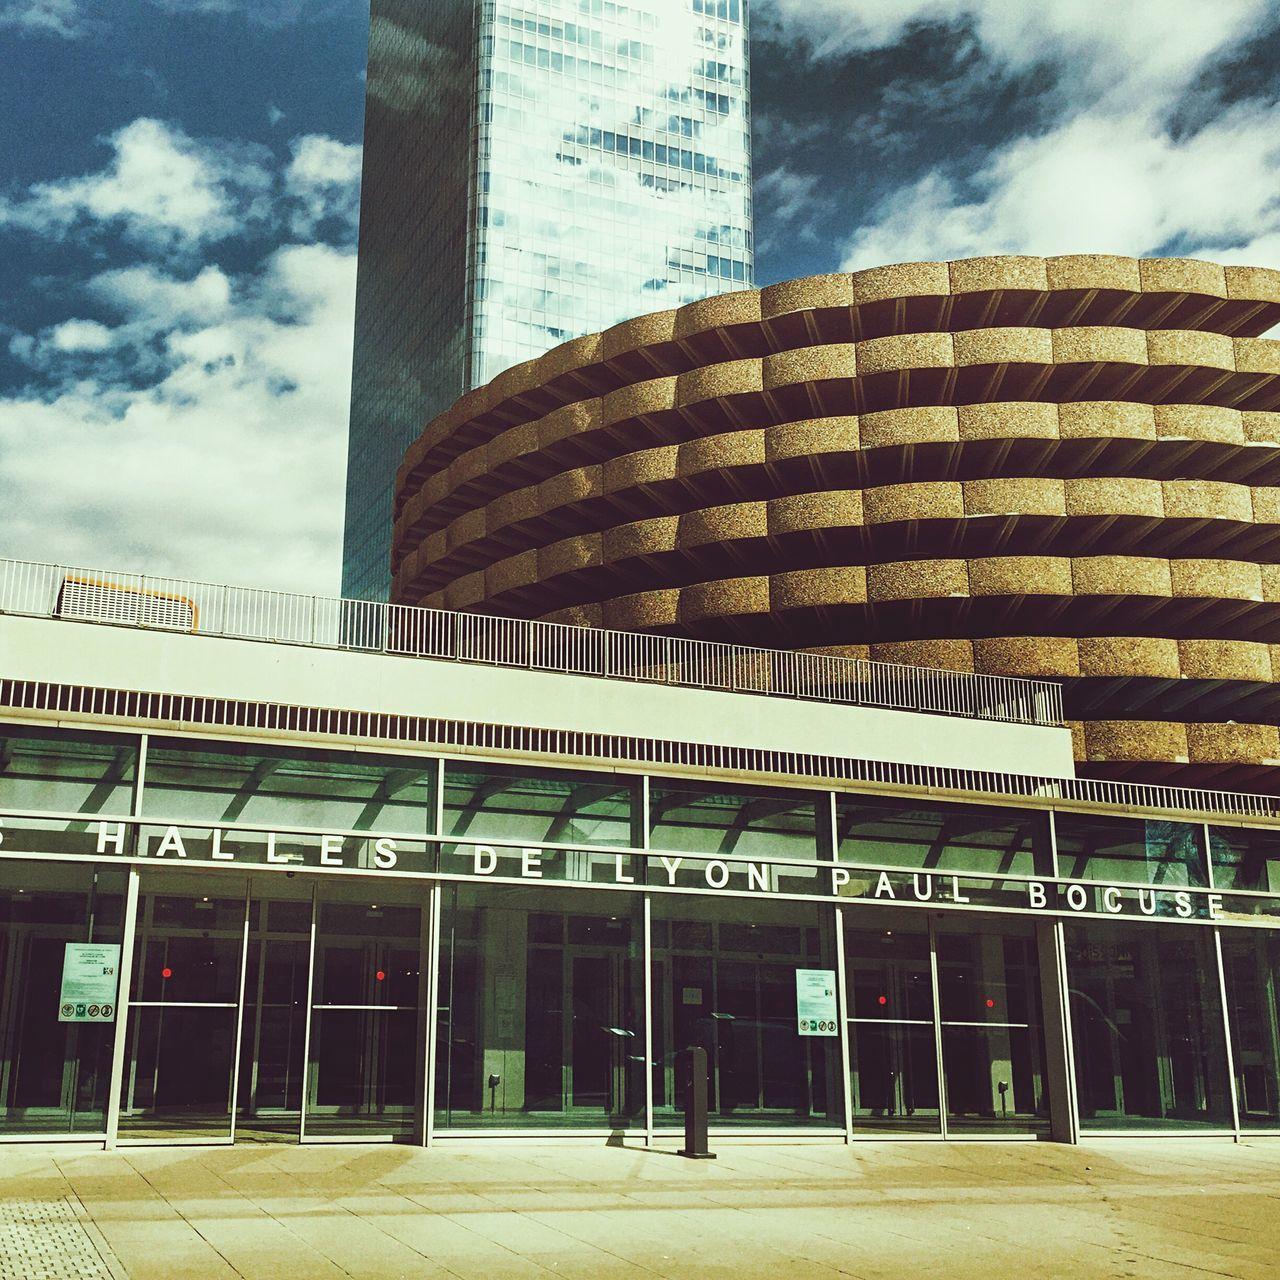 Paul Bocuse Market Building Part Dieu District